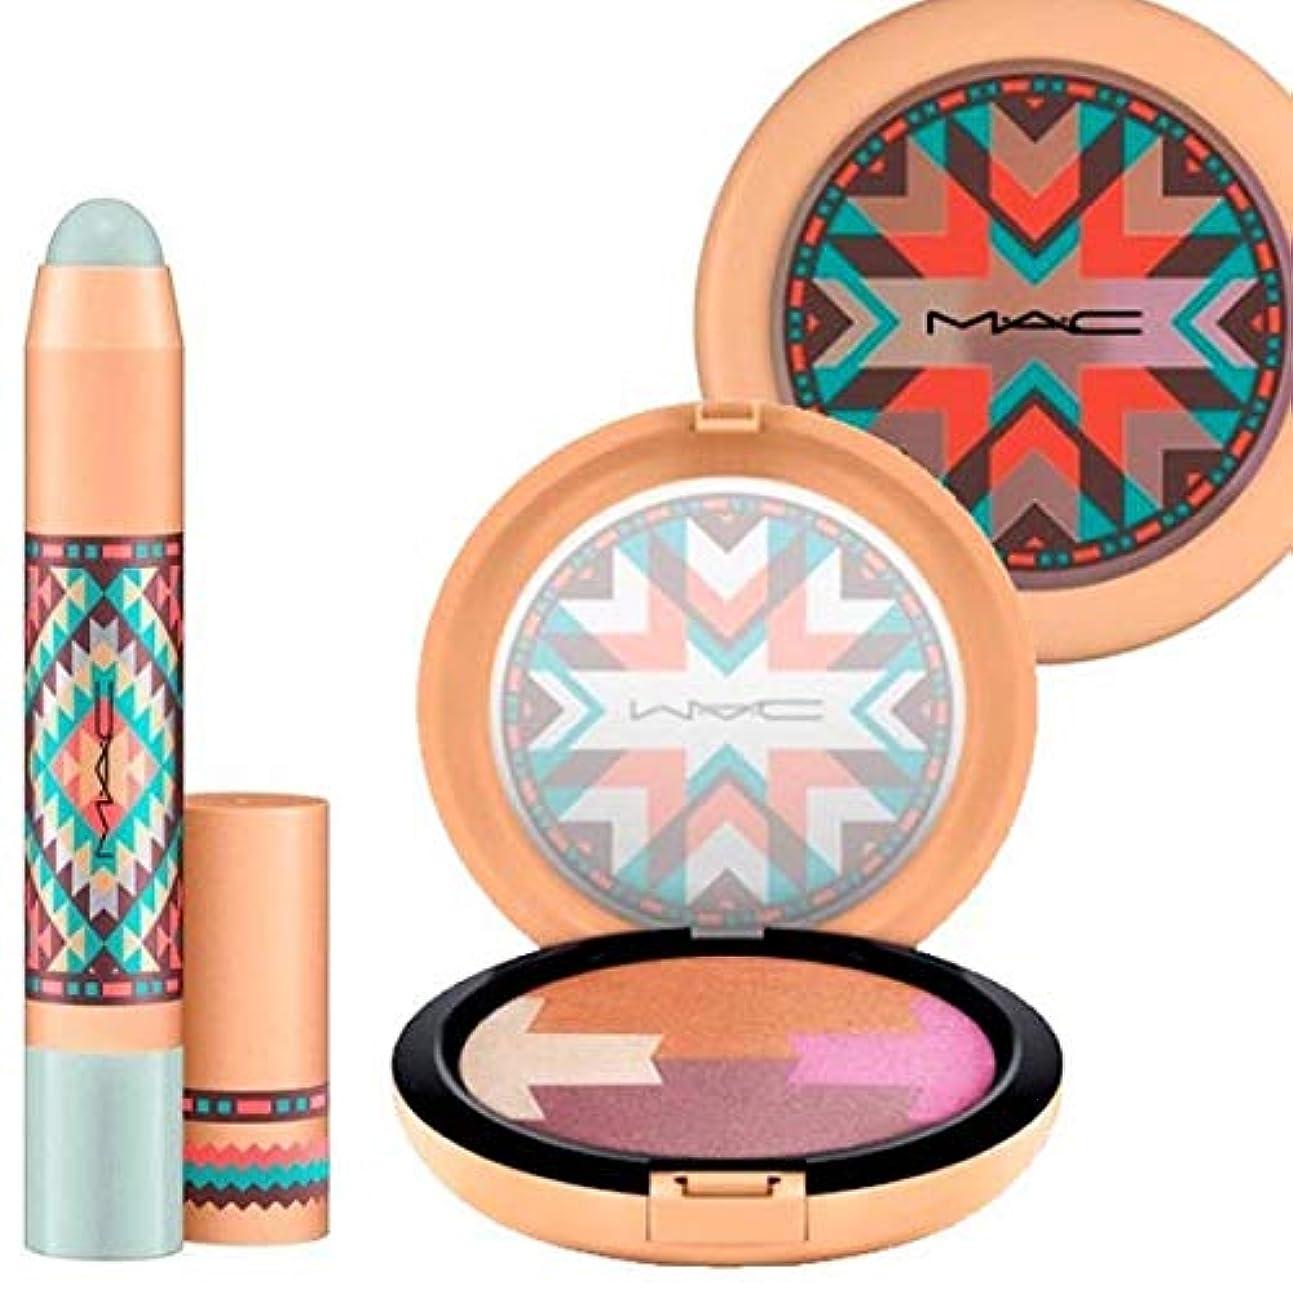 水っぽい報酬送金M.A.C ?マック, 限定版 !!! Vibe Tribe/Gleamtones Powder & Desert Evening Lip Pencil [海外直送品] [並行輸入品]